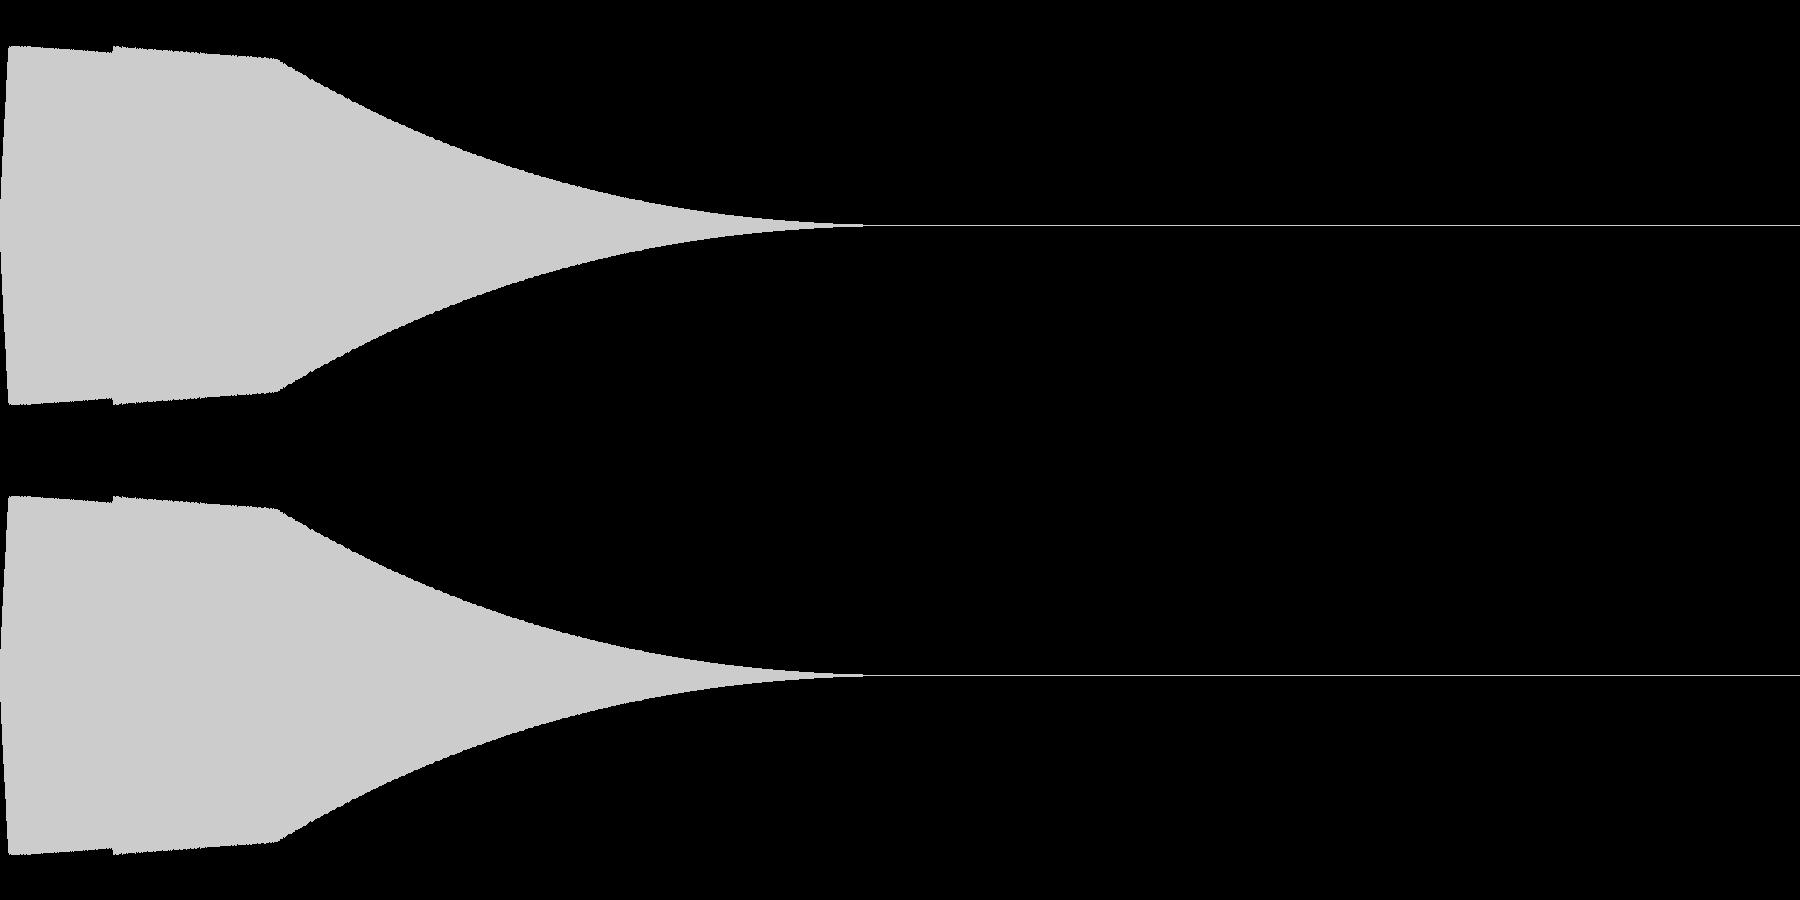 スーパーマリオ風コインの音ですの未再生の波形